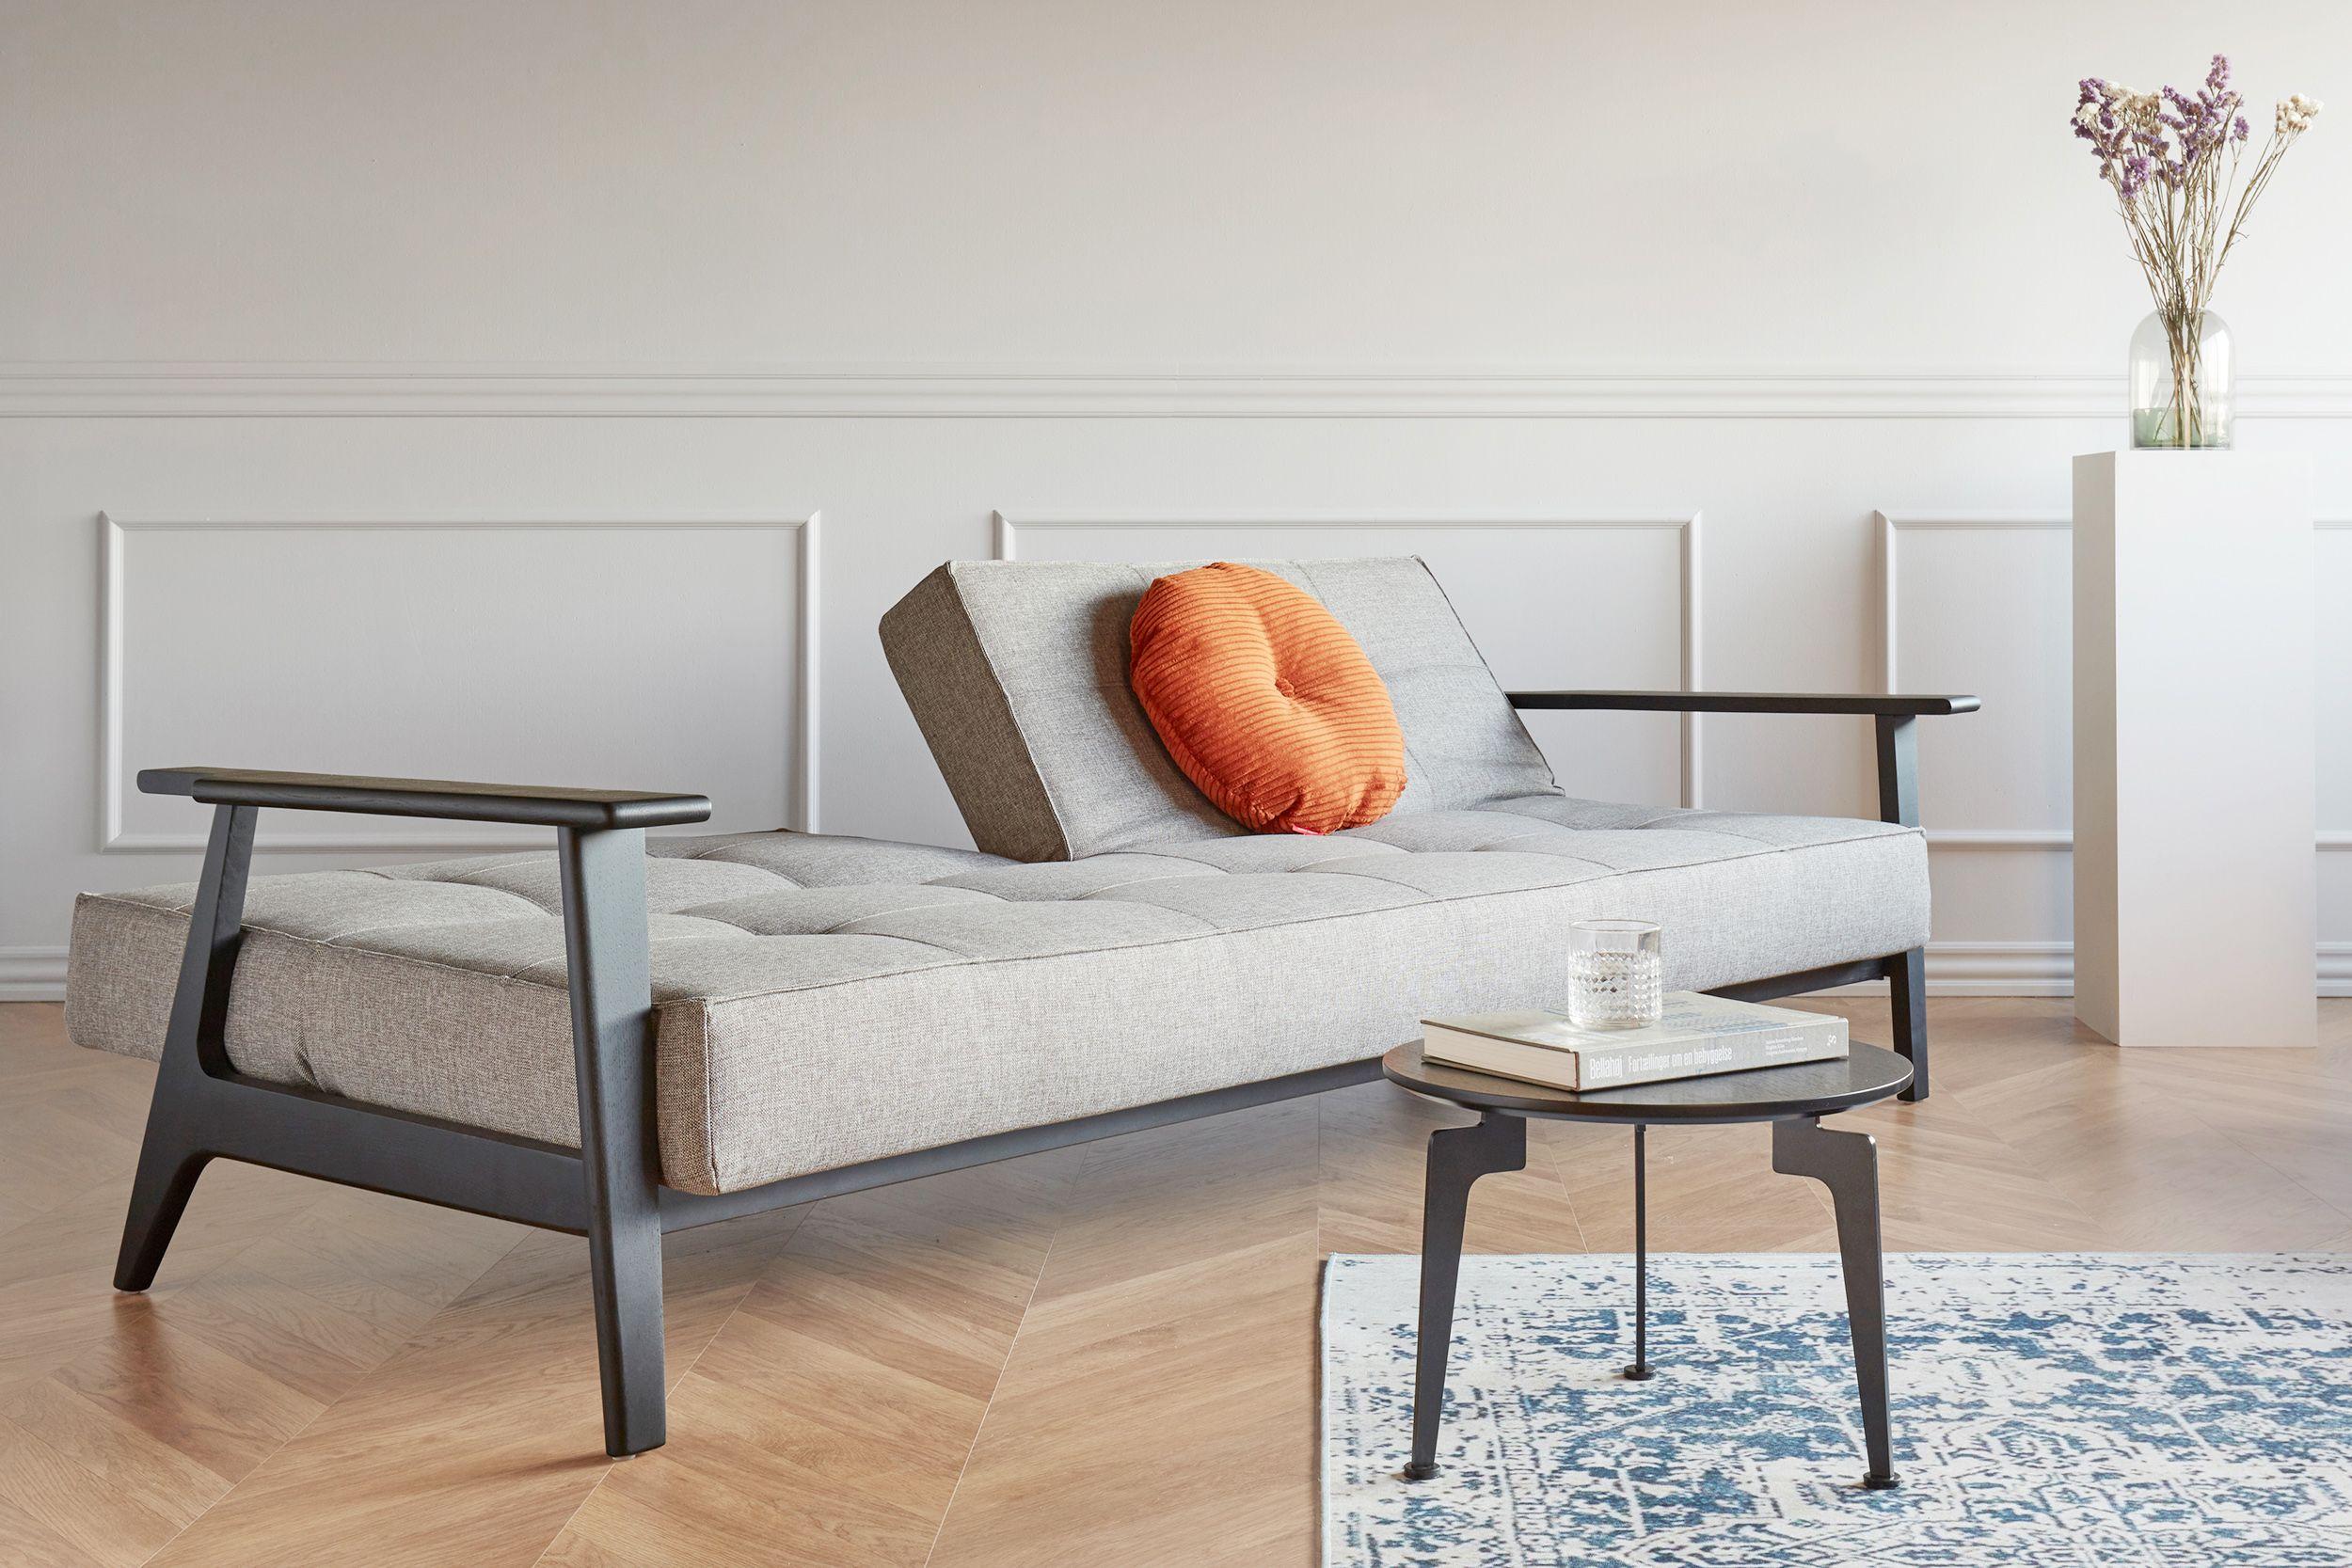 Stilvolles Sofa Von Innovation In Grau Schwarz Das Schlafsofa Der Serie Splitback Frej Ist Mit Einem Gestell Aus Massivho In 2020 Sofa Innovation Splitback